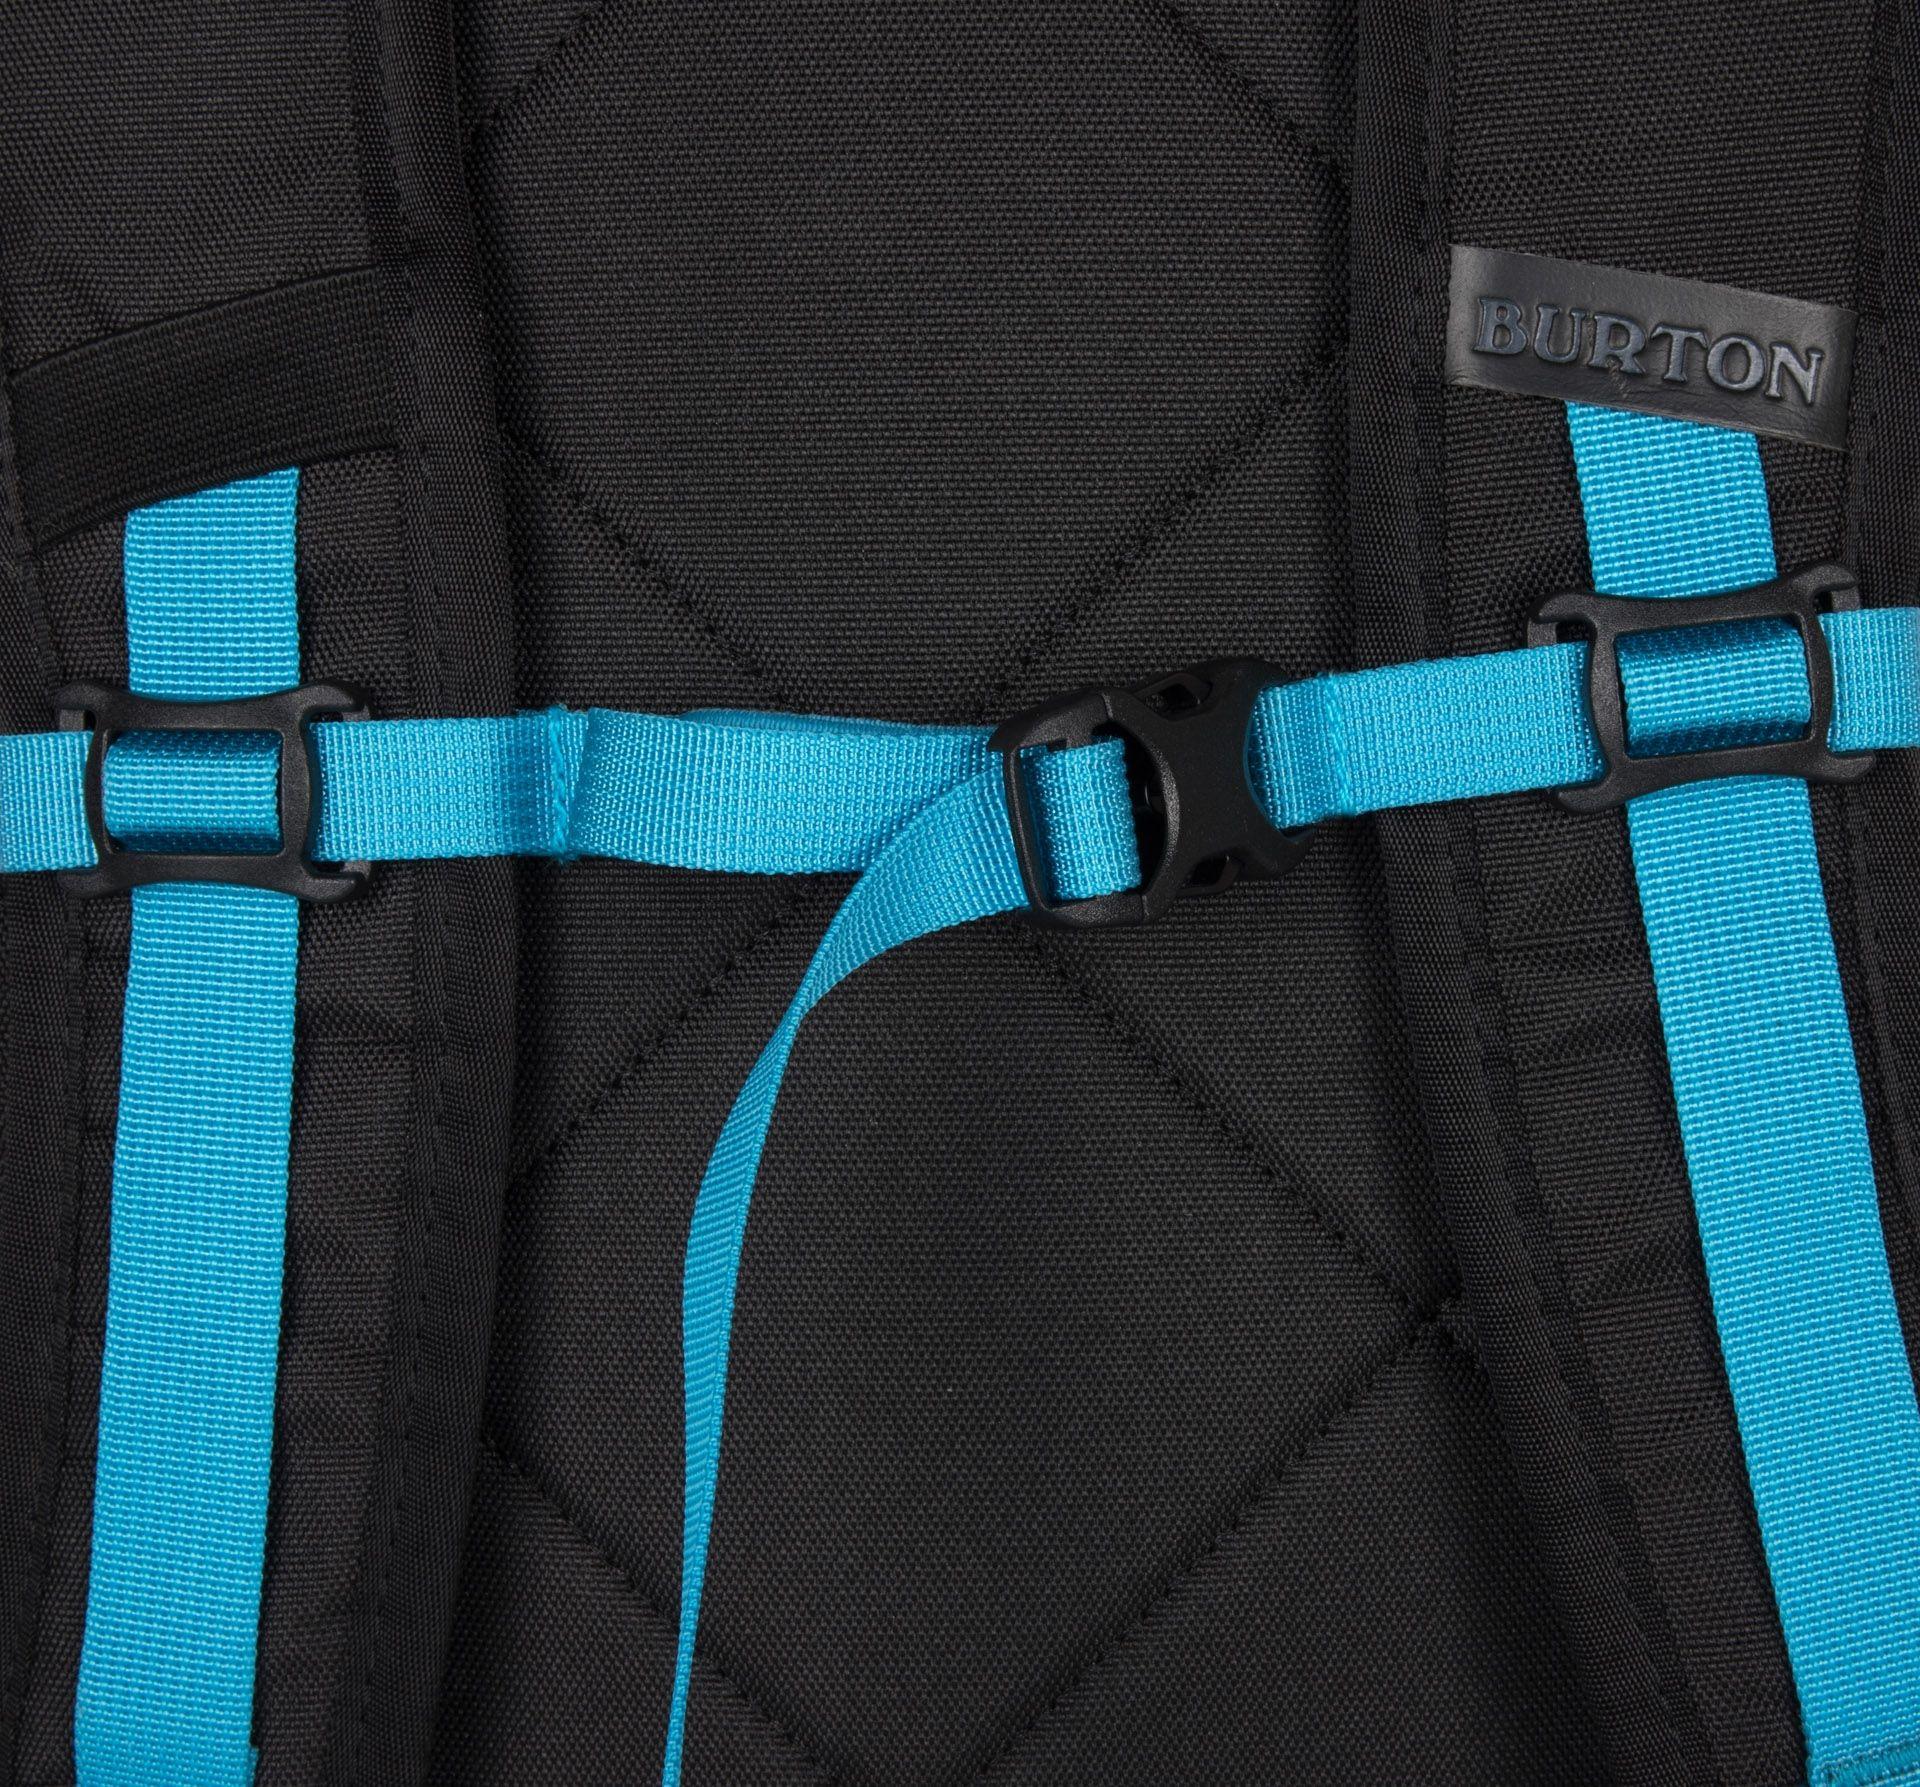 Burton Day Hiker Pck Elephant Print - jednokomorový batoh so zapínaním na zips- vnútri vrecko s vypchávkou na notebook- na prednom paneli vrecko na okuliare vystlané flisom- dve bočné vrecká na zips, vhodné napr.